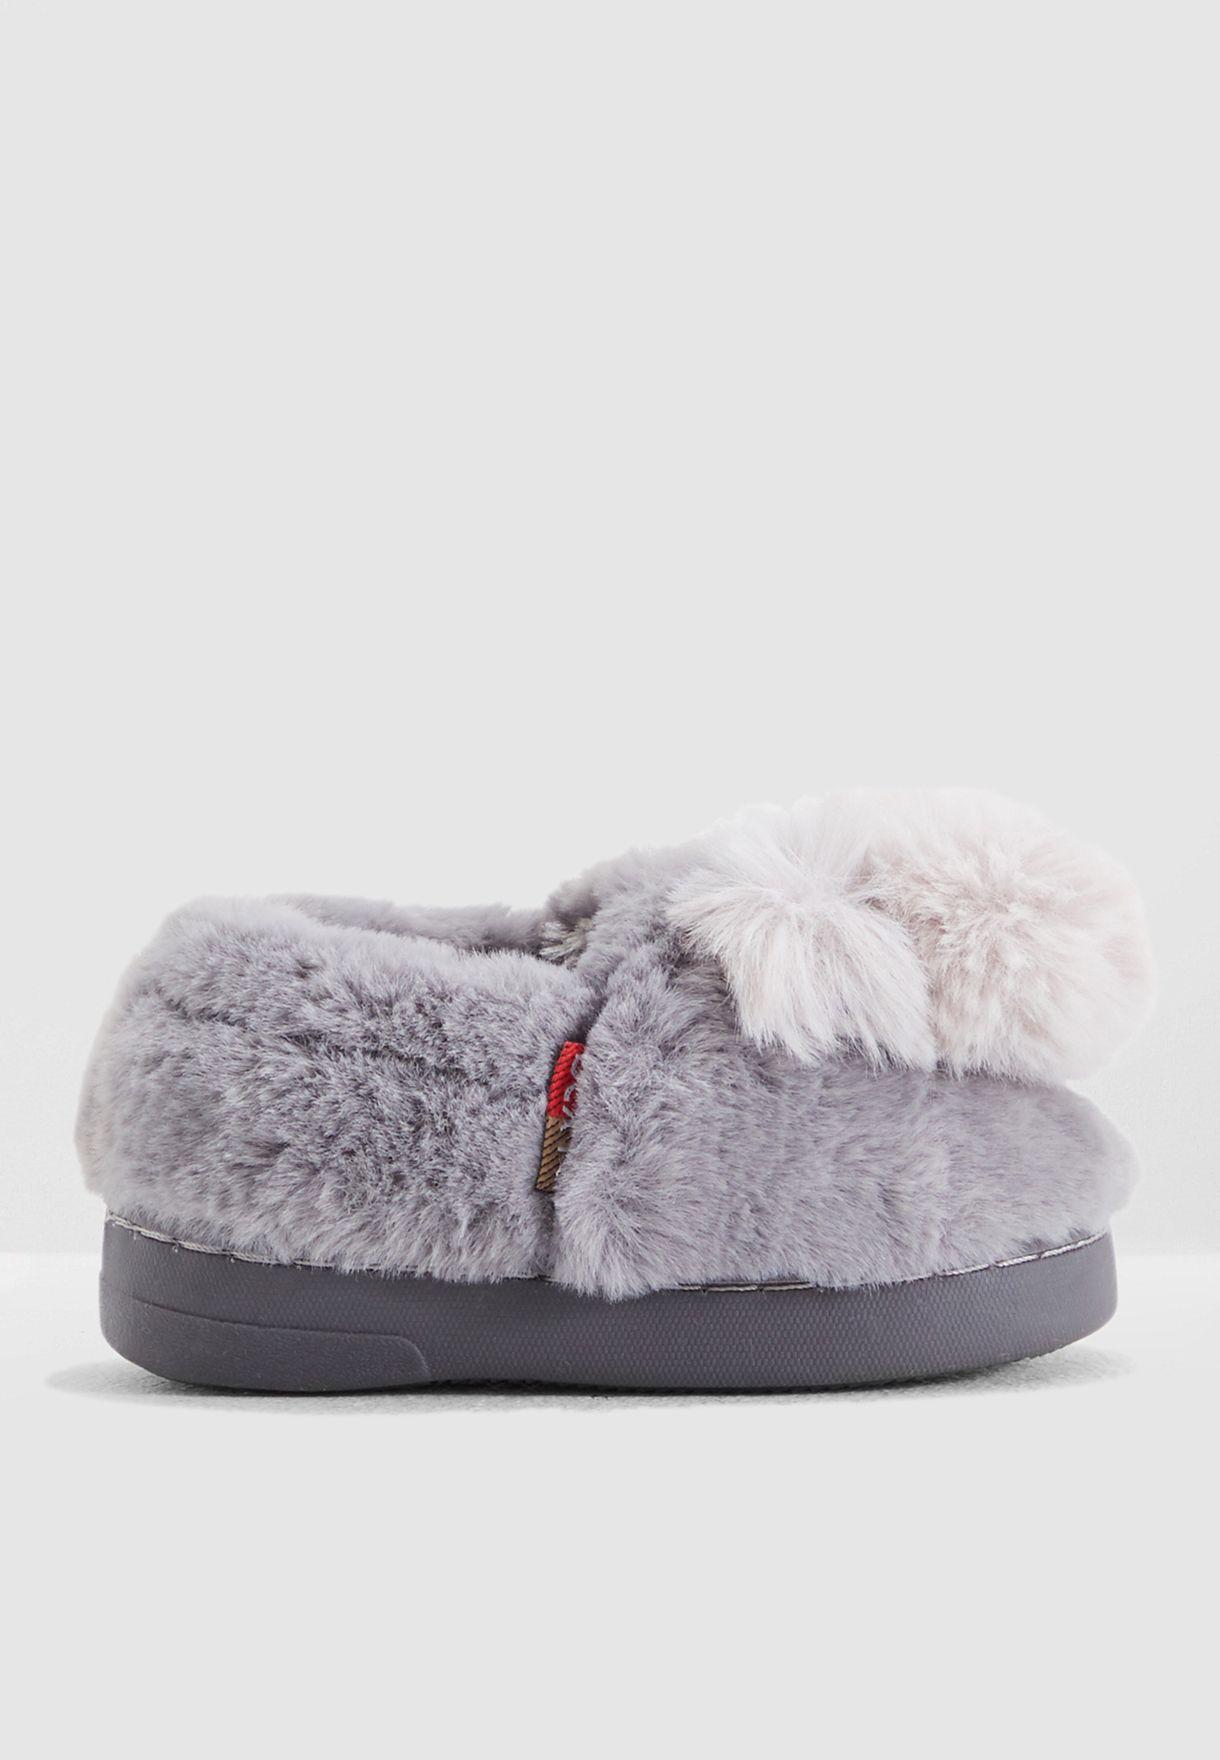 حذاء مزين بكرات بوم بوم